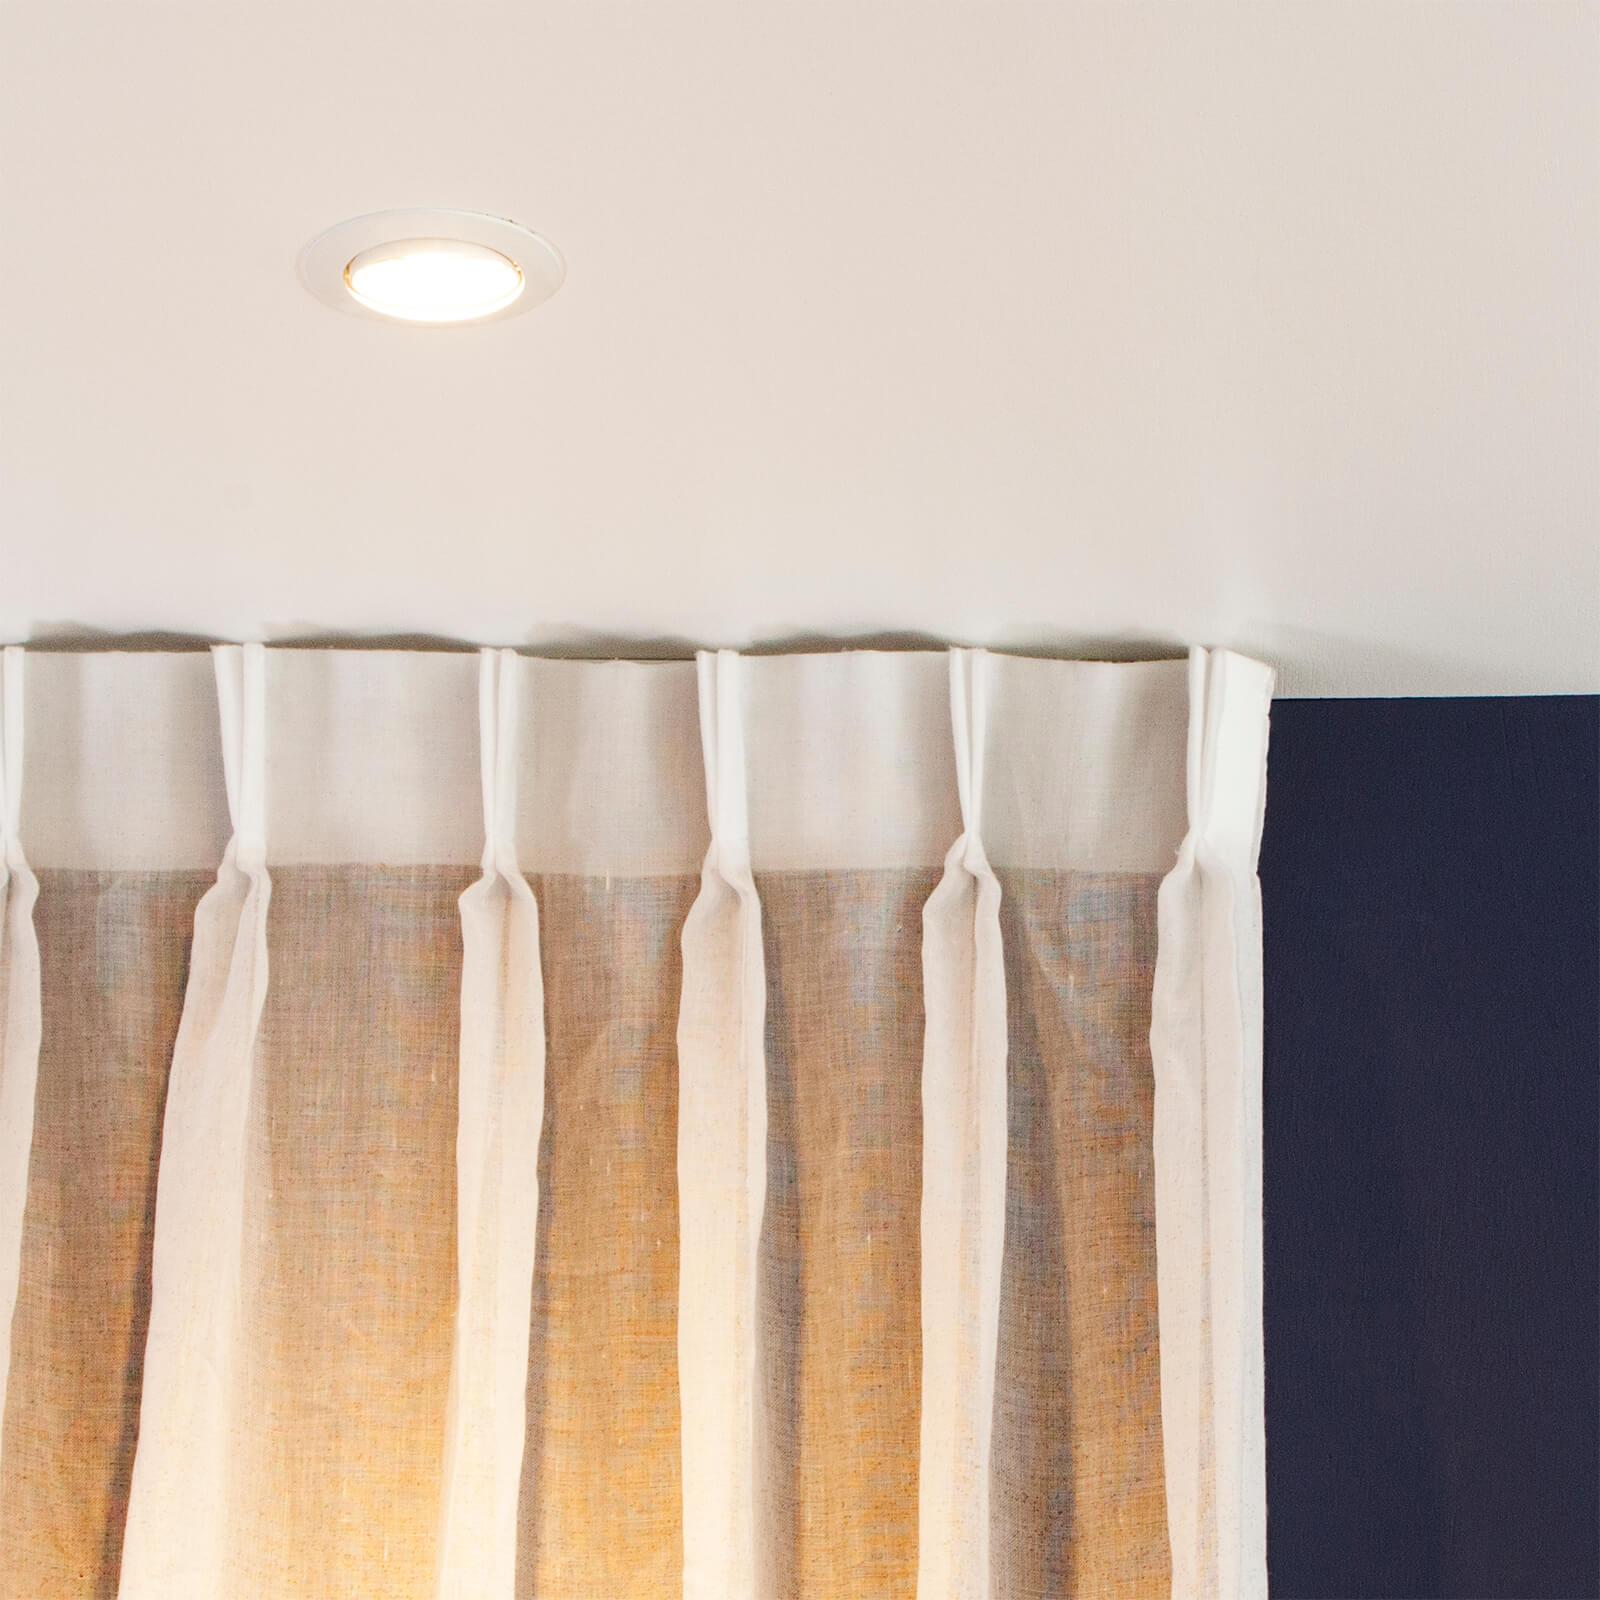 innr smart led spot gu10 rs 125. Black Bedroom Furniture Sets. Home Design Ideas